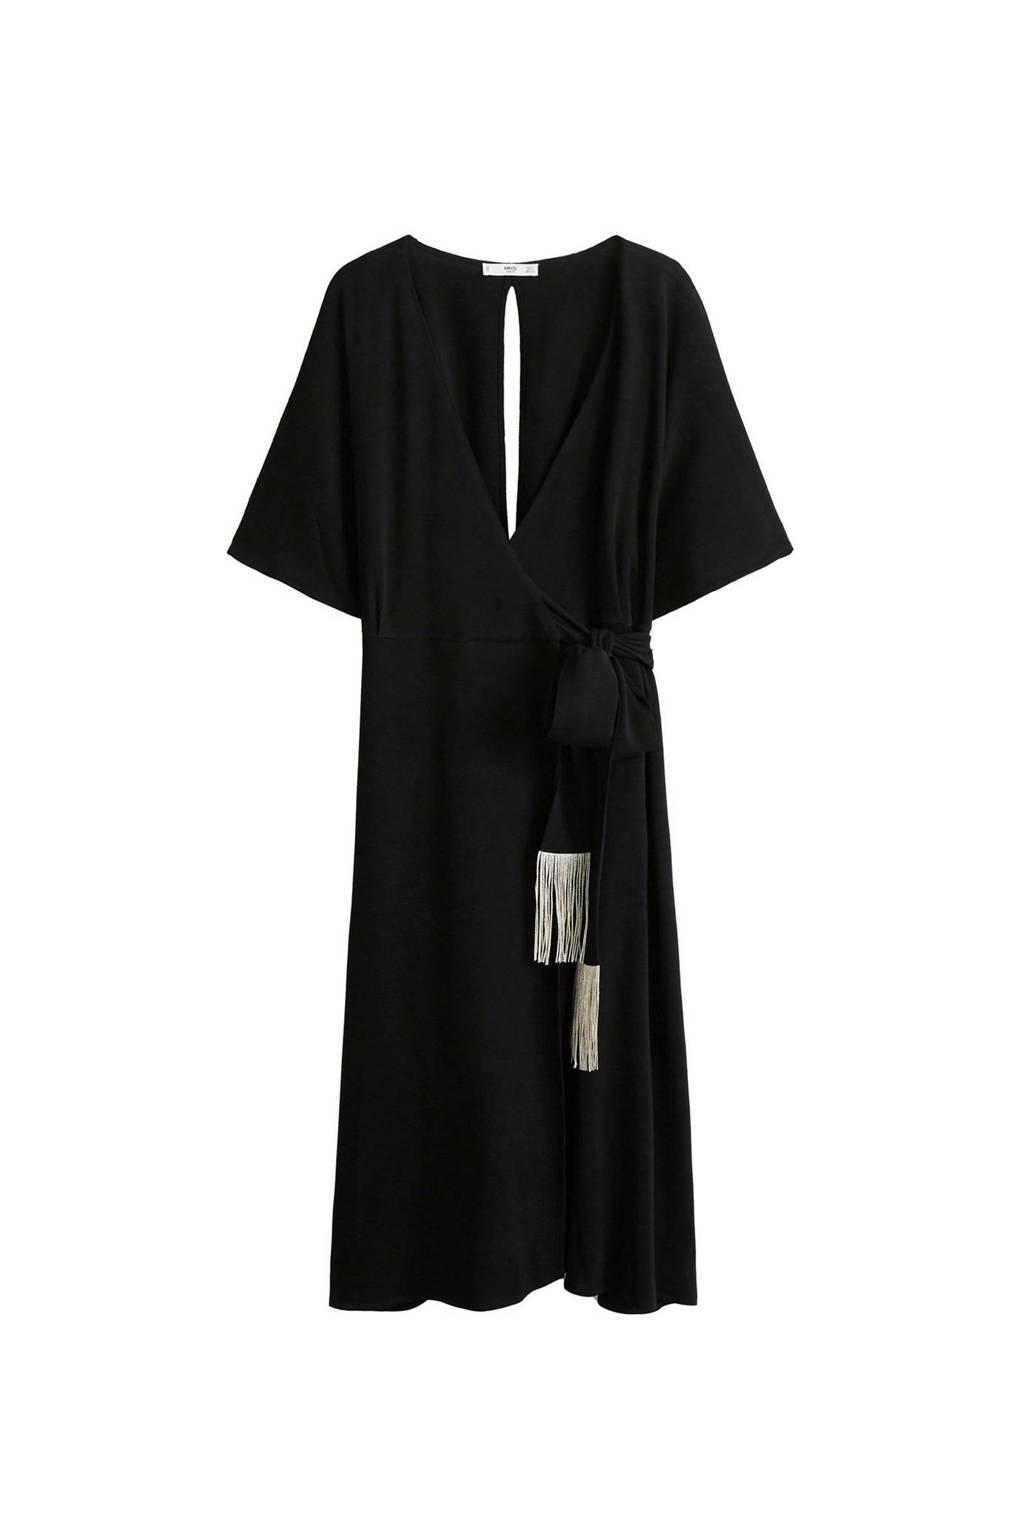 Mango jurk met decoratieve fransjes zwart, Zwart